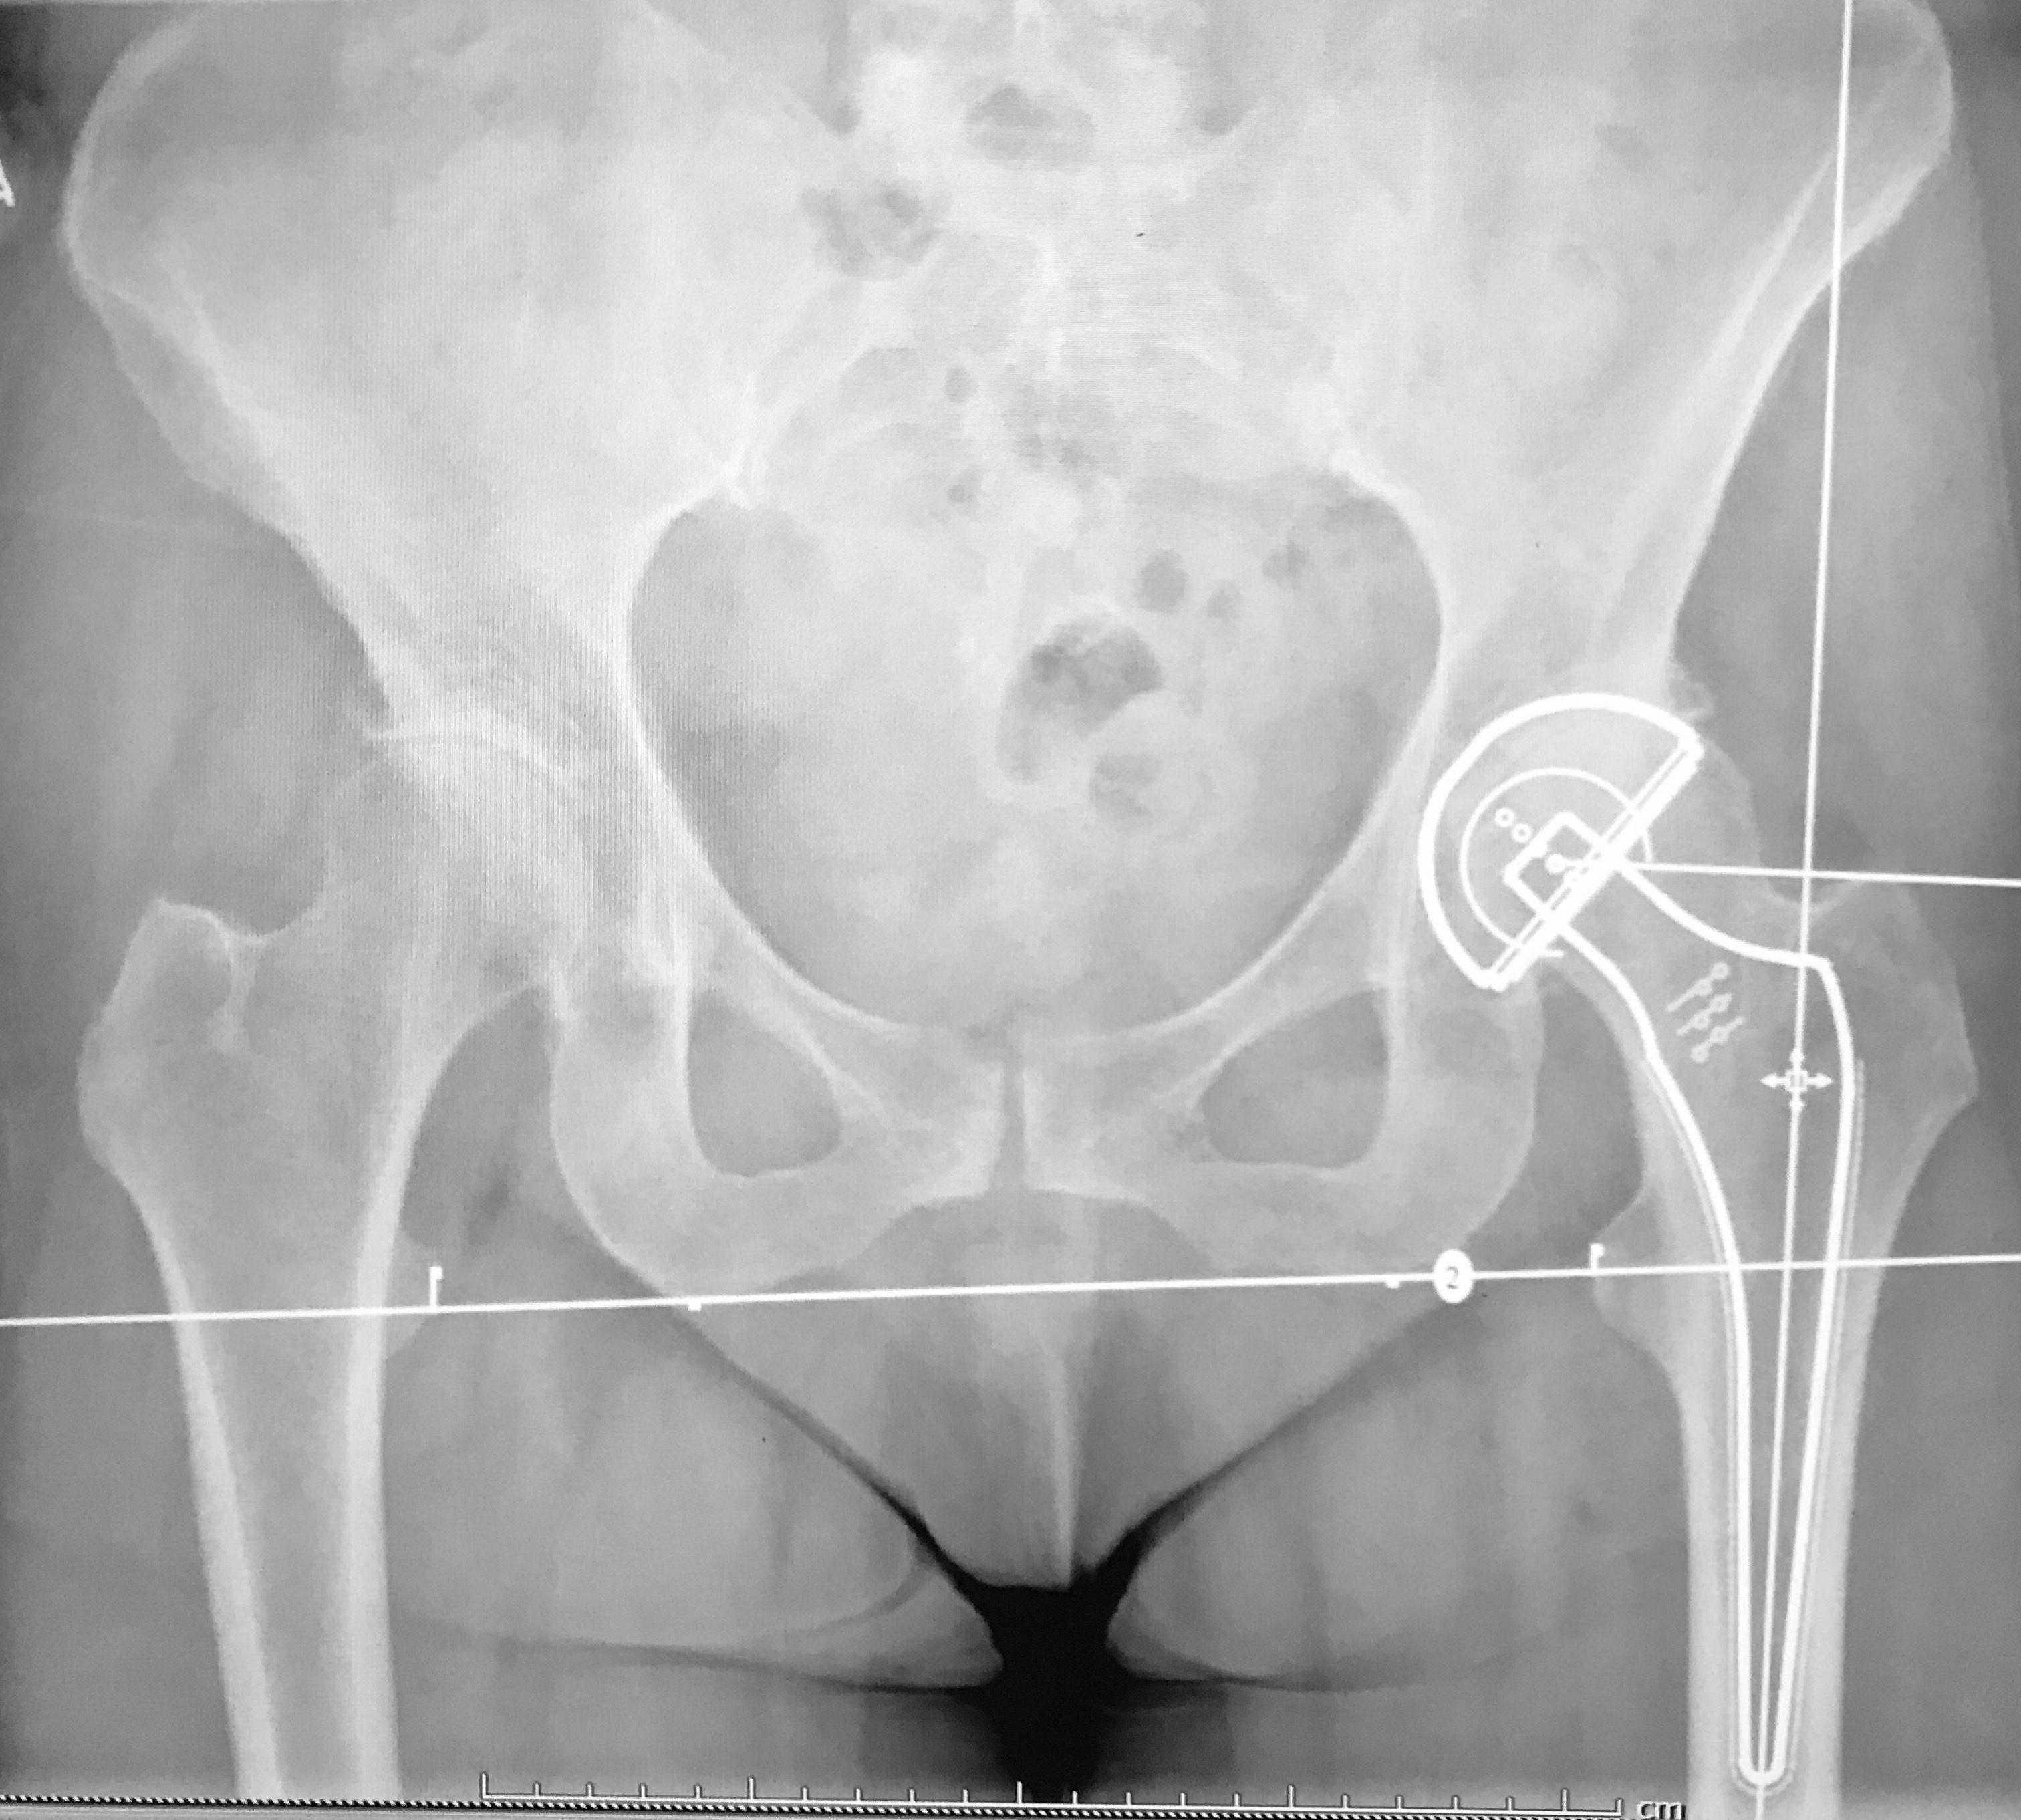 Ακτινογραφία σχετική με Ολική αρθροπλαστική ισχίου.